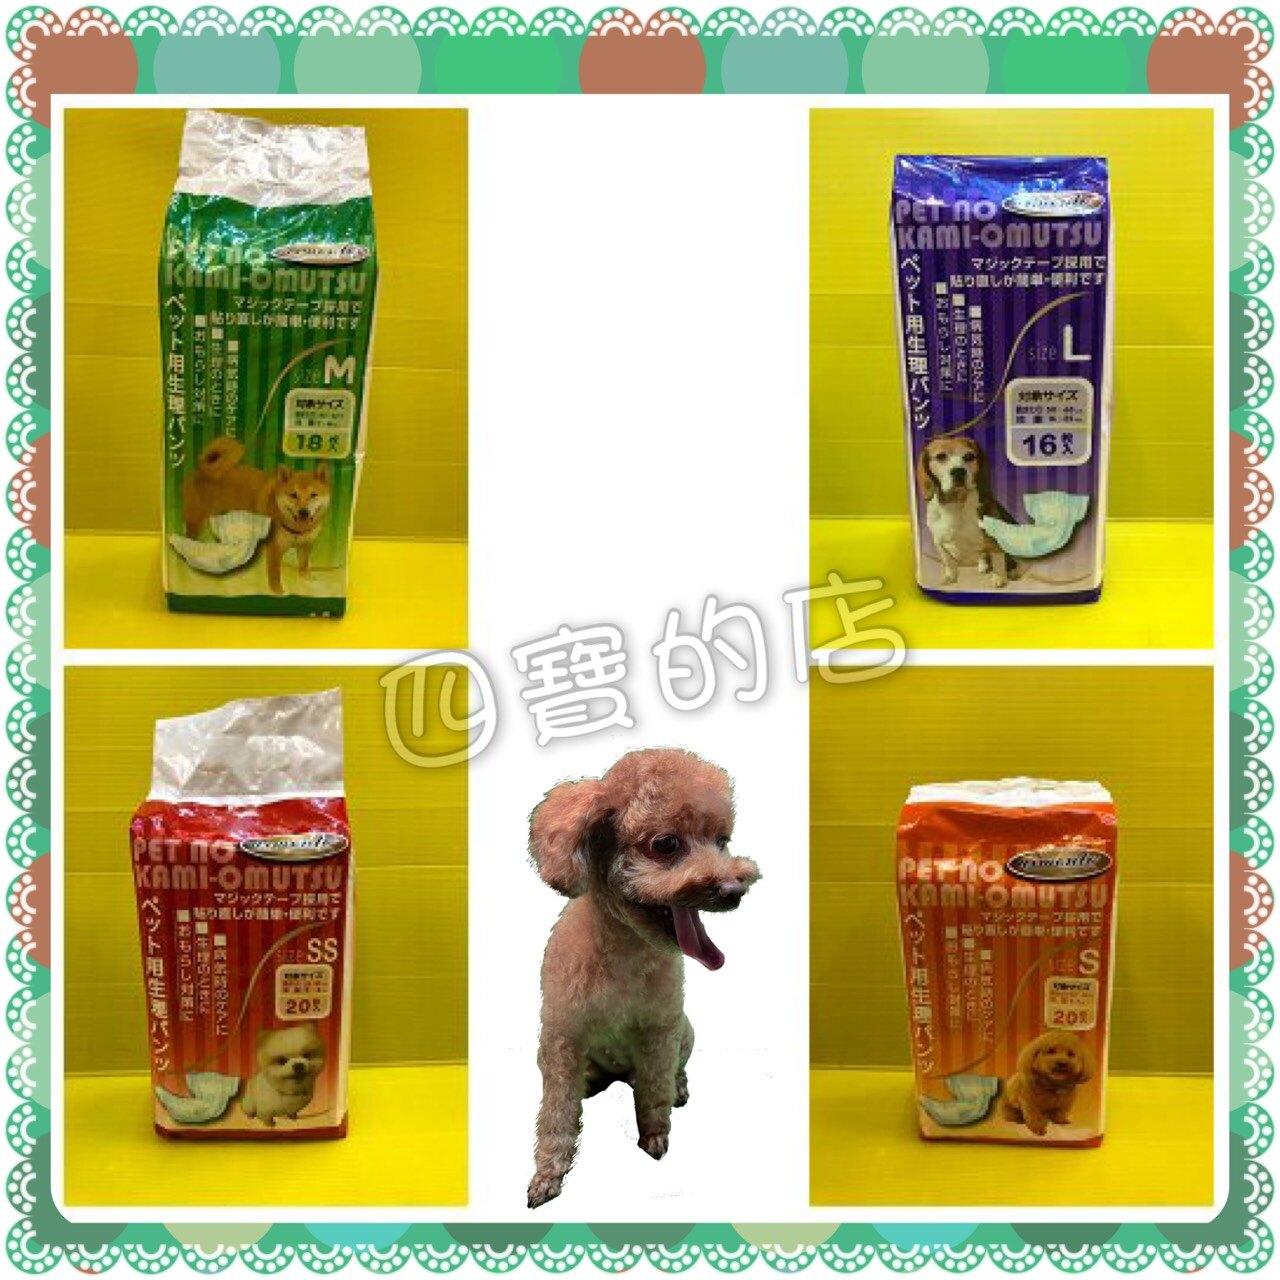 ✪四寶的店n✪ 阿曼特 尿褲 M號18片裝/包 ARMONTO 寵物 老犬 免洗 母狗 紙尿褲 生理褲 衛生褲 高齡犬